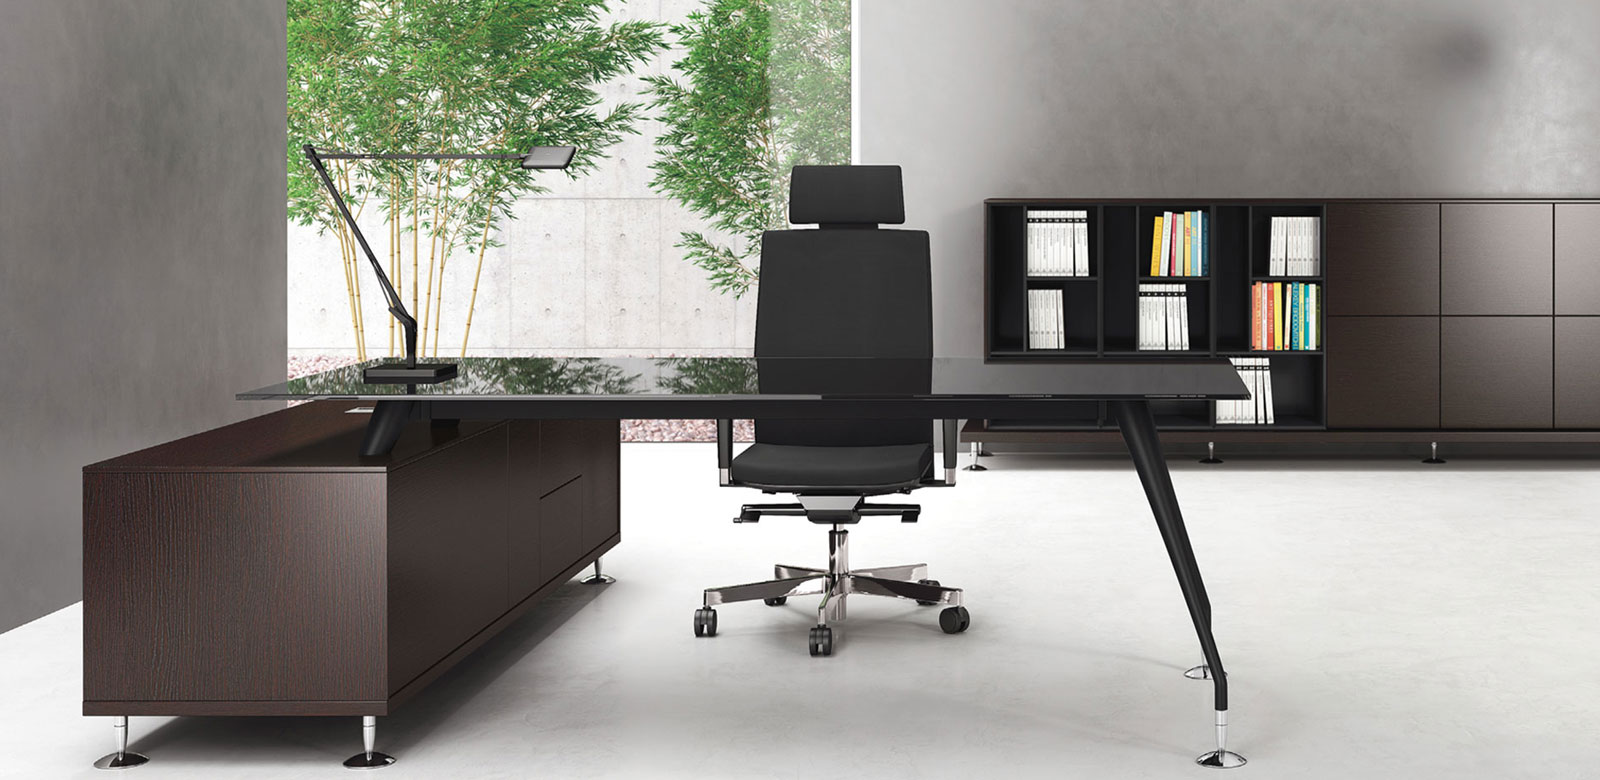 Arredamento ufficio moderno mobile da ufficio moderno - Arredo ufficio moderno ...